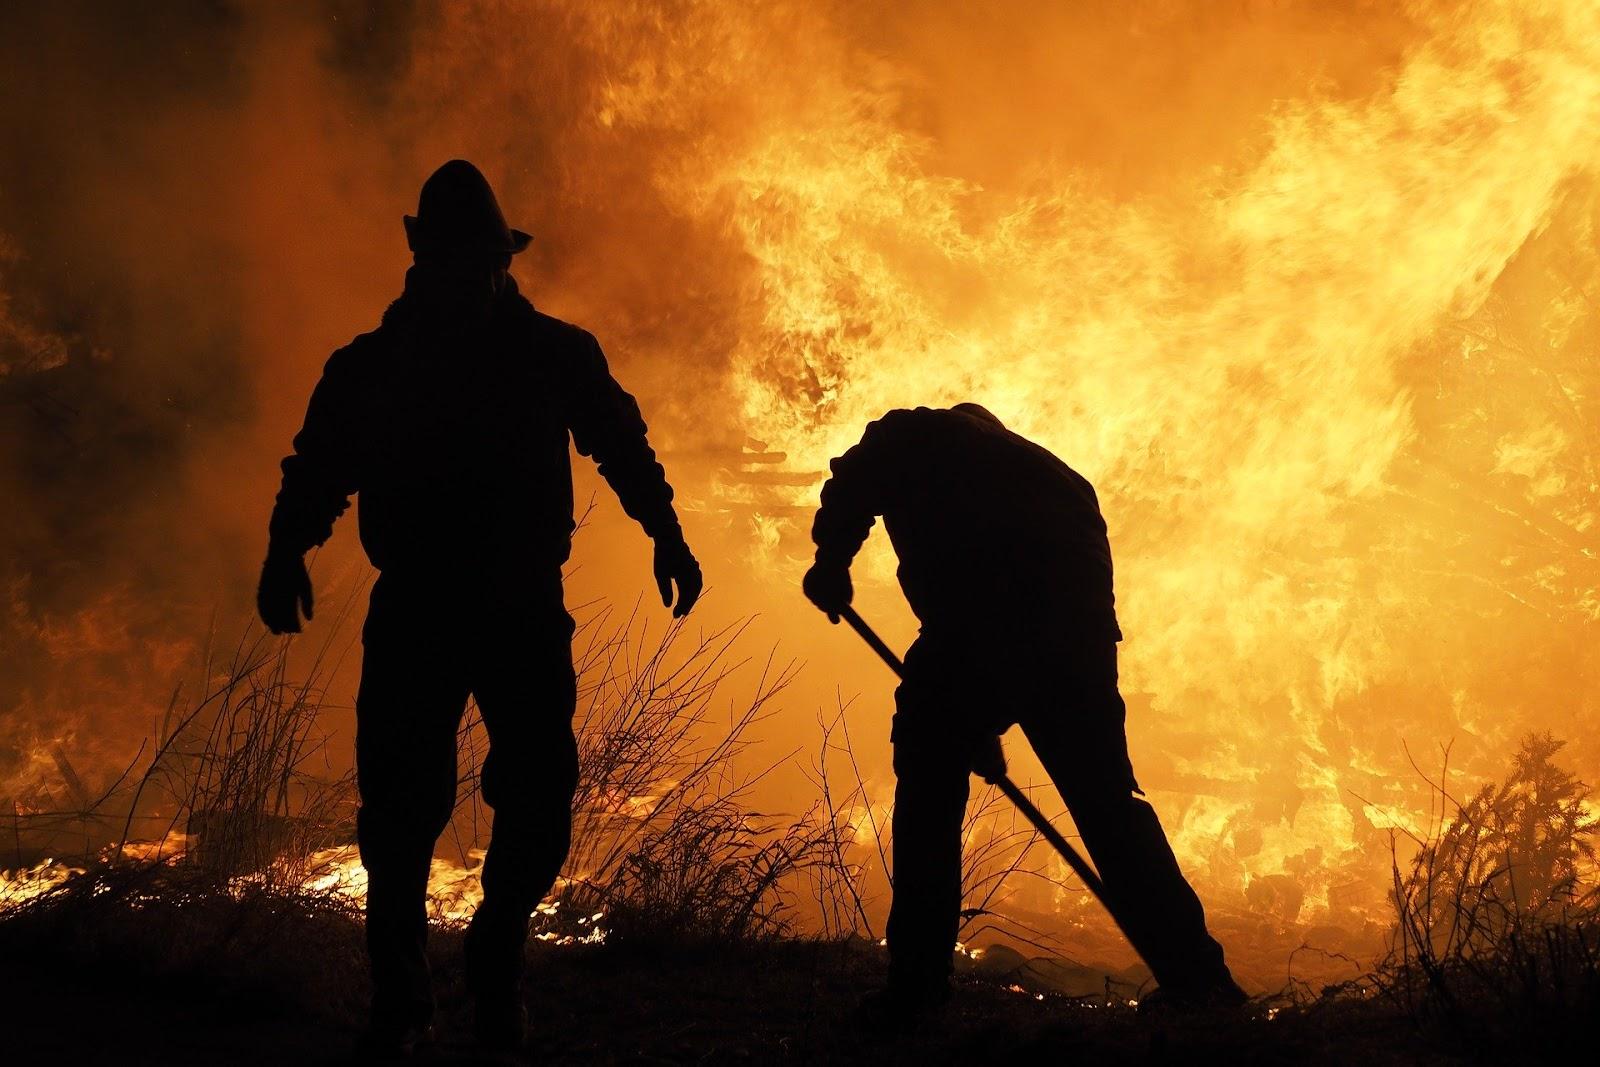 Sydney vive momentos de tensão, com alarmes de fumaça tóxica tocando por toda a cidade, causados pelos incêndios florestais que acometem o leste da Austrália há meses.